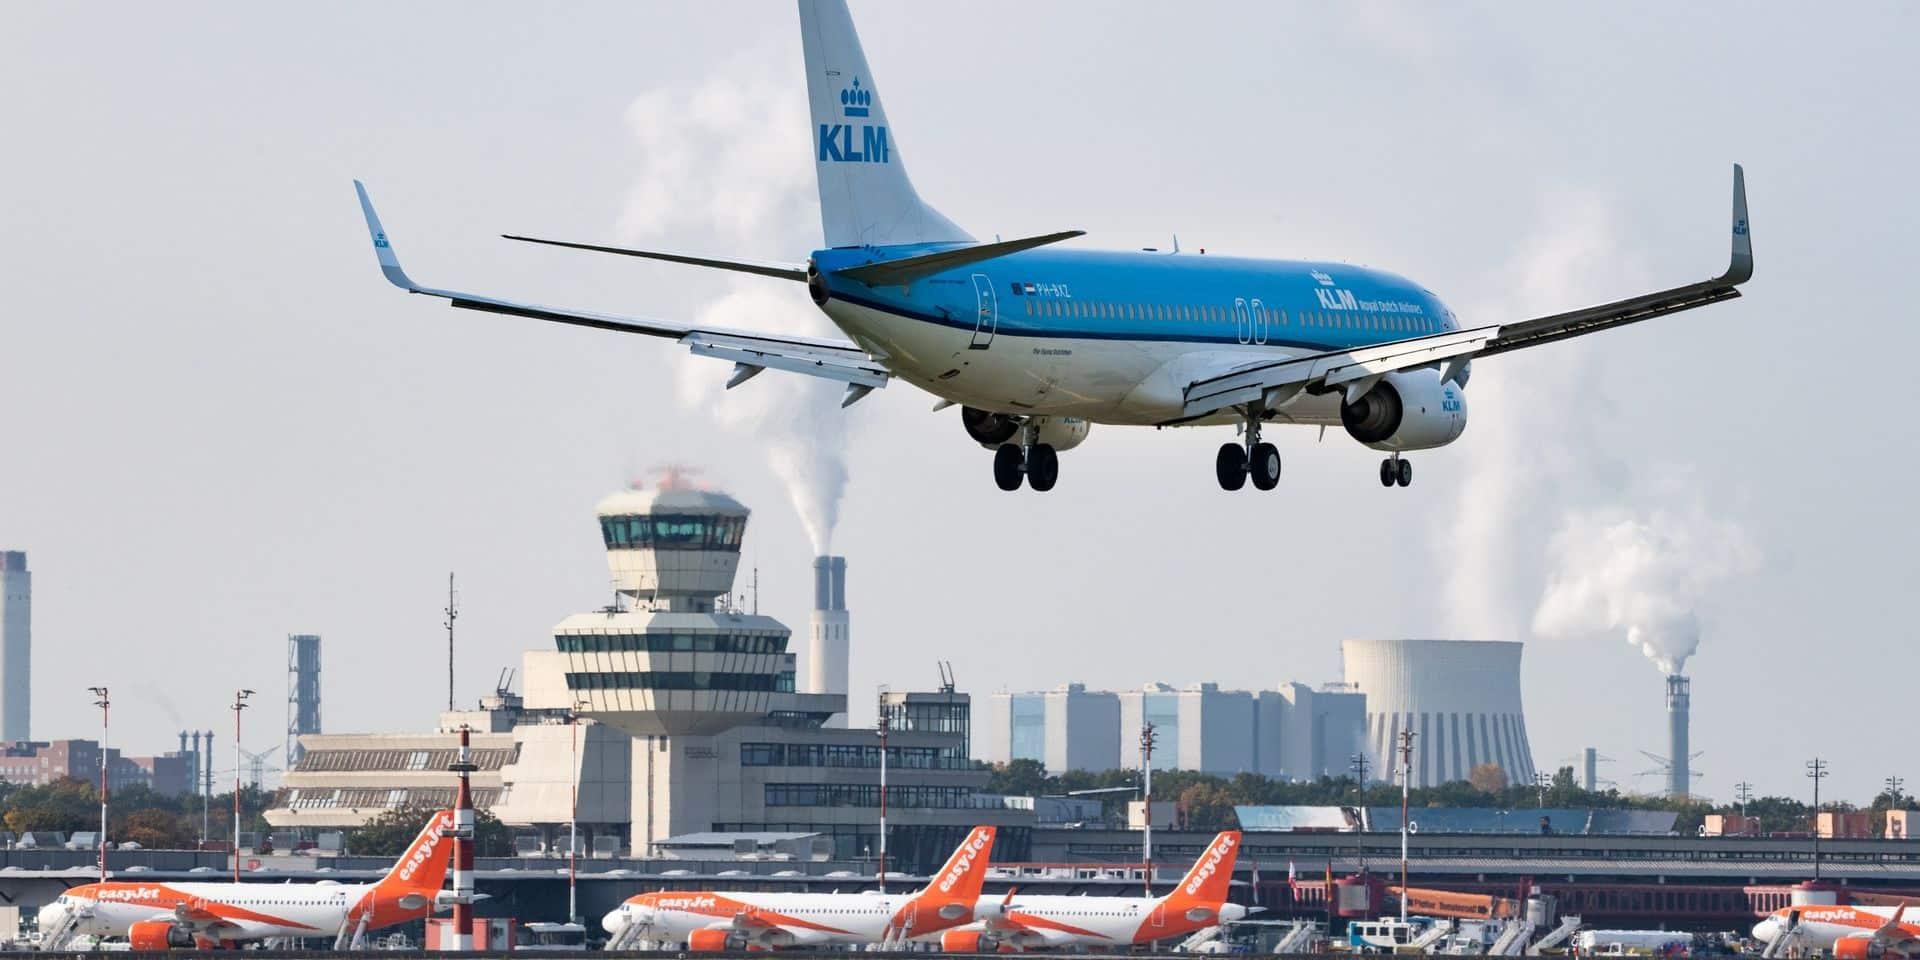 Le gouvernement néerlandais gèle un plan d'aide pour KLM